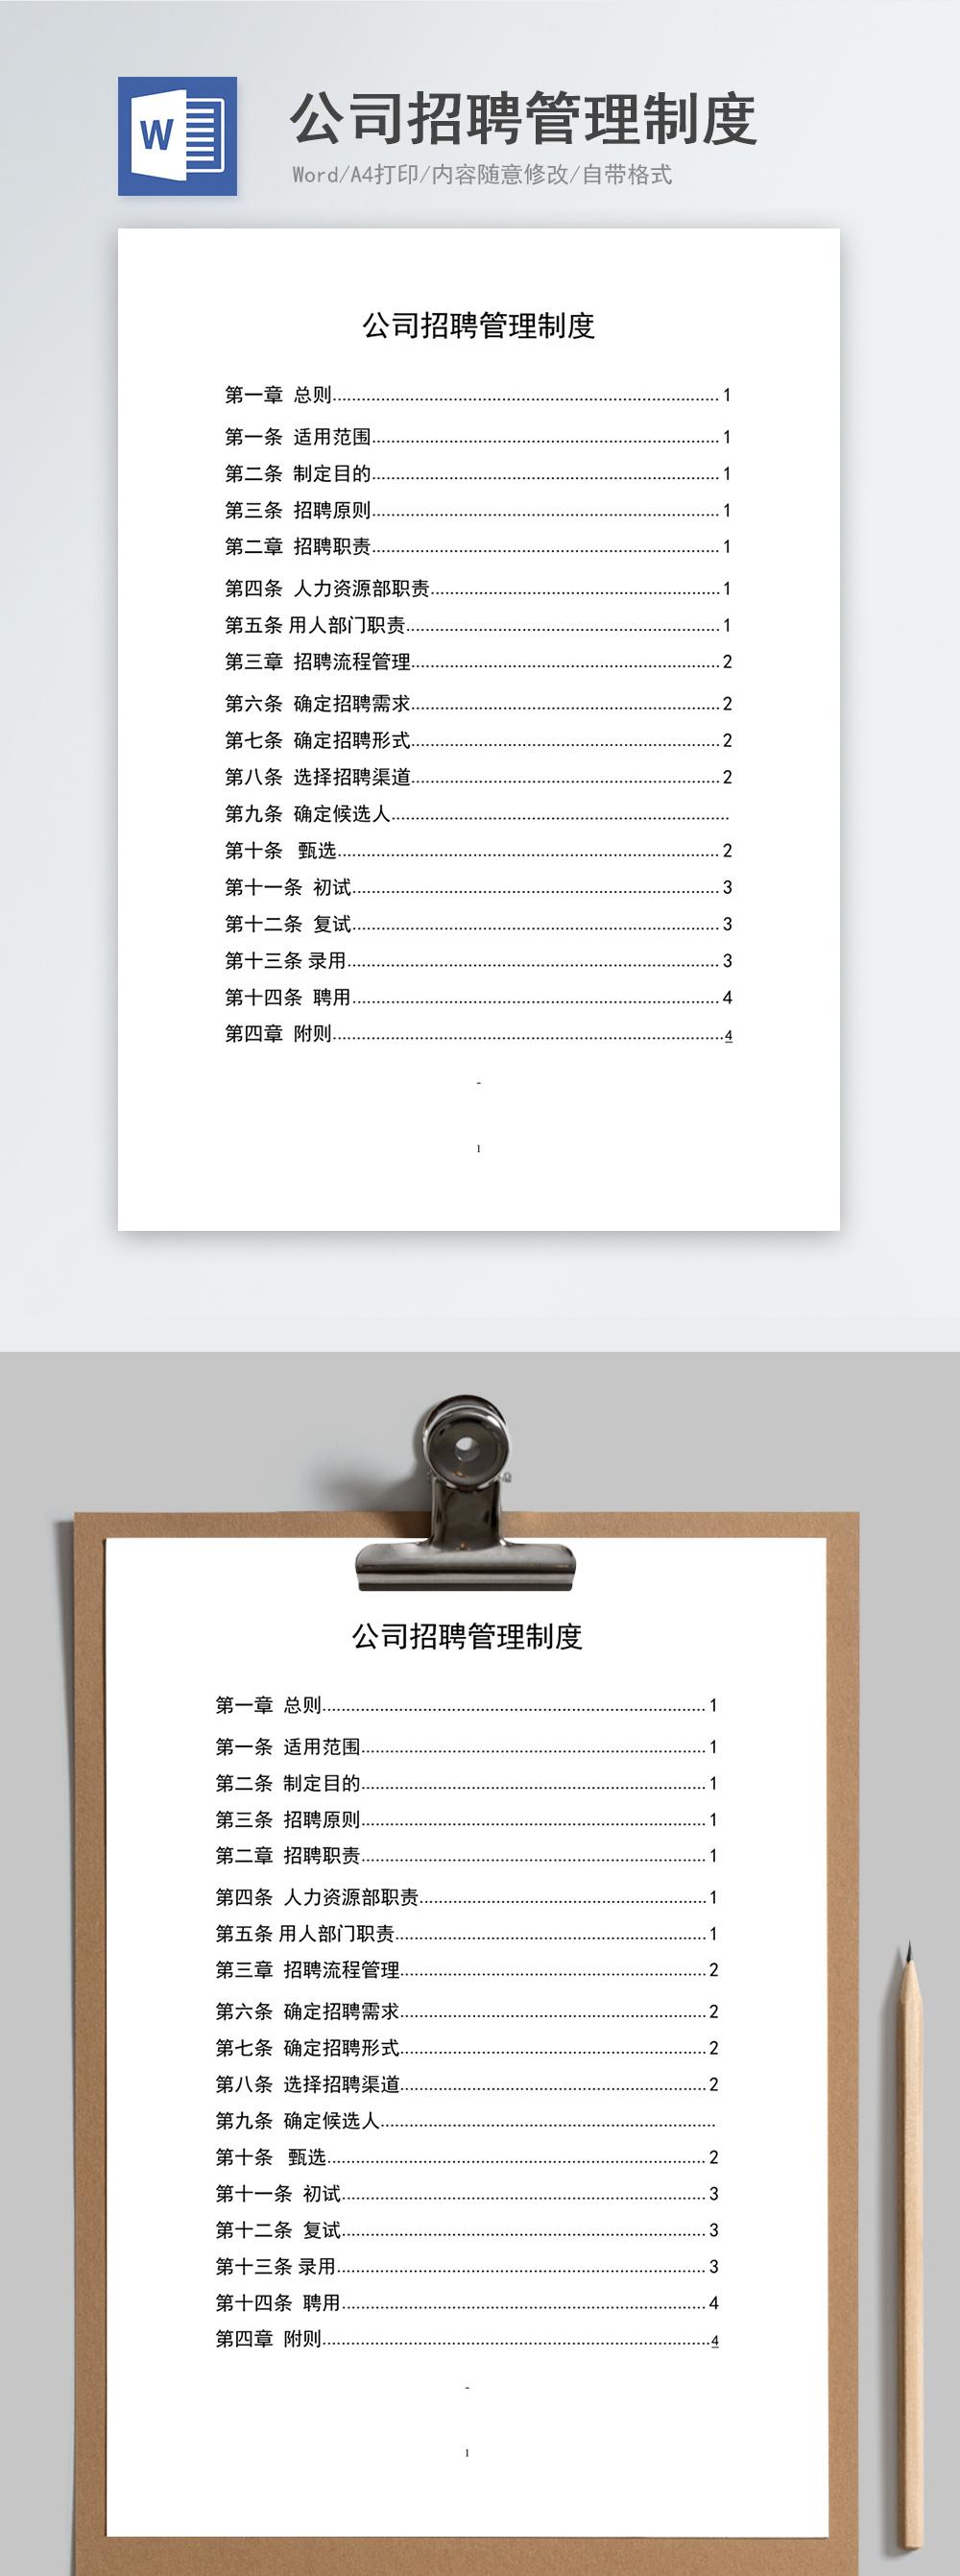 某公司招聘管理制度word文档图片